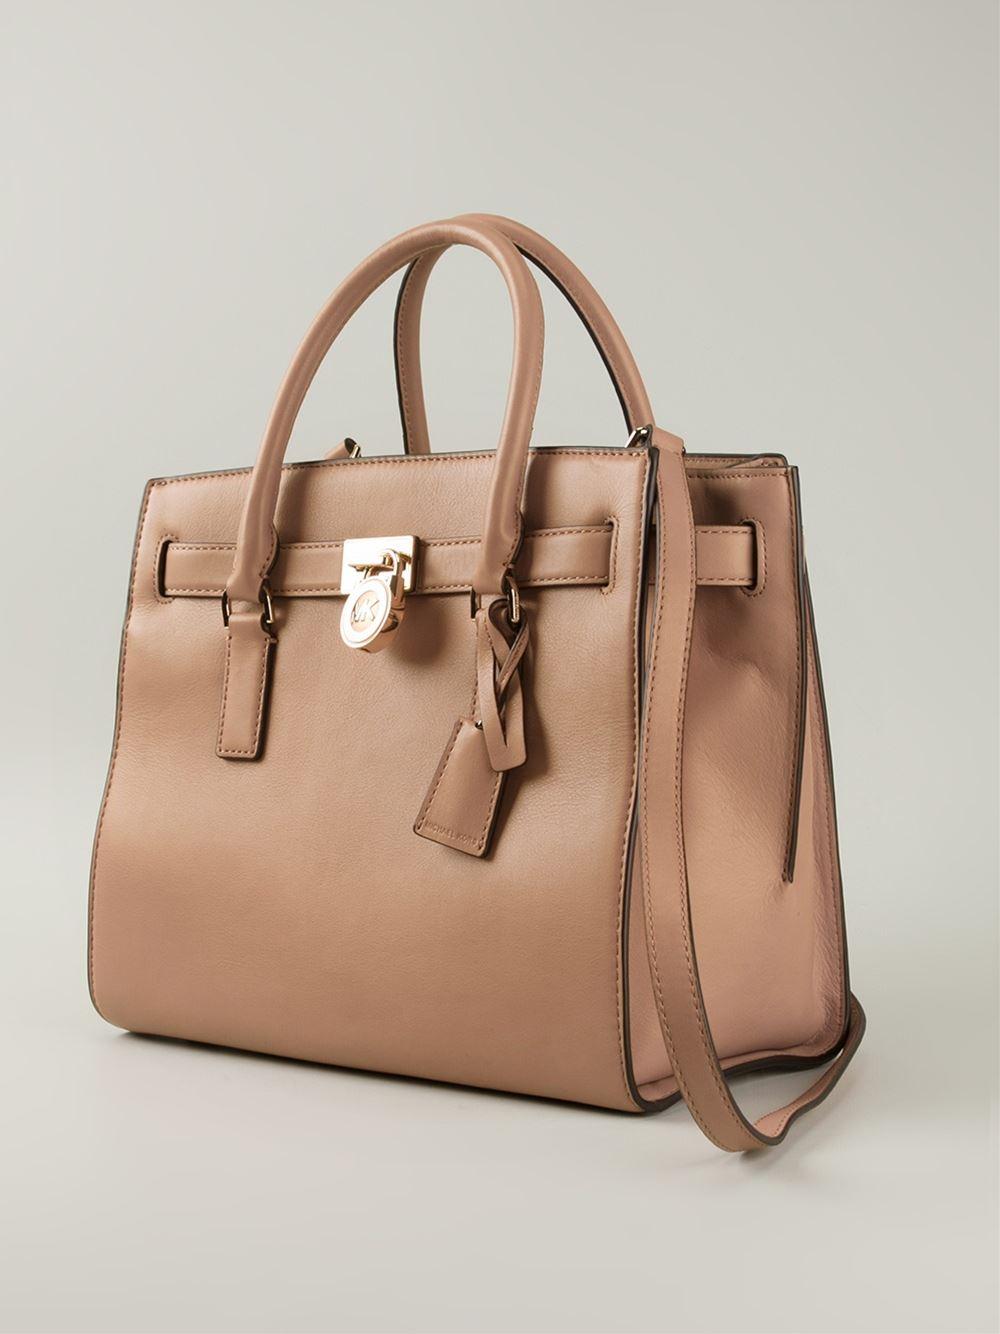 2d912cbfc1b0 Lyst - MICHAEL Michael Kors  Hamilton  Tote Bag in Natural